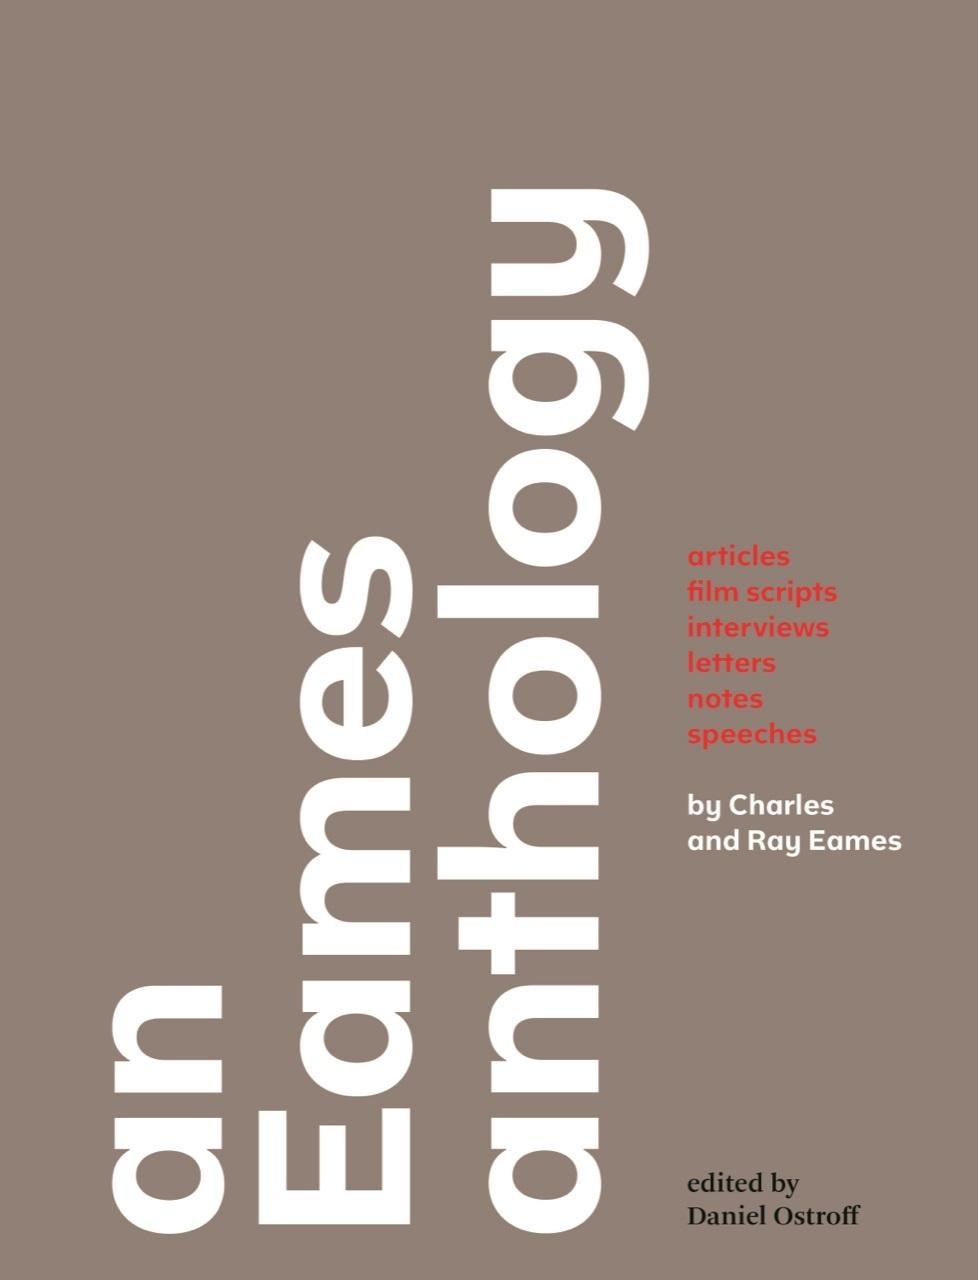 نکات آموزنده Charles Eames